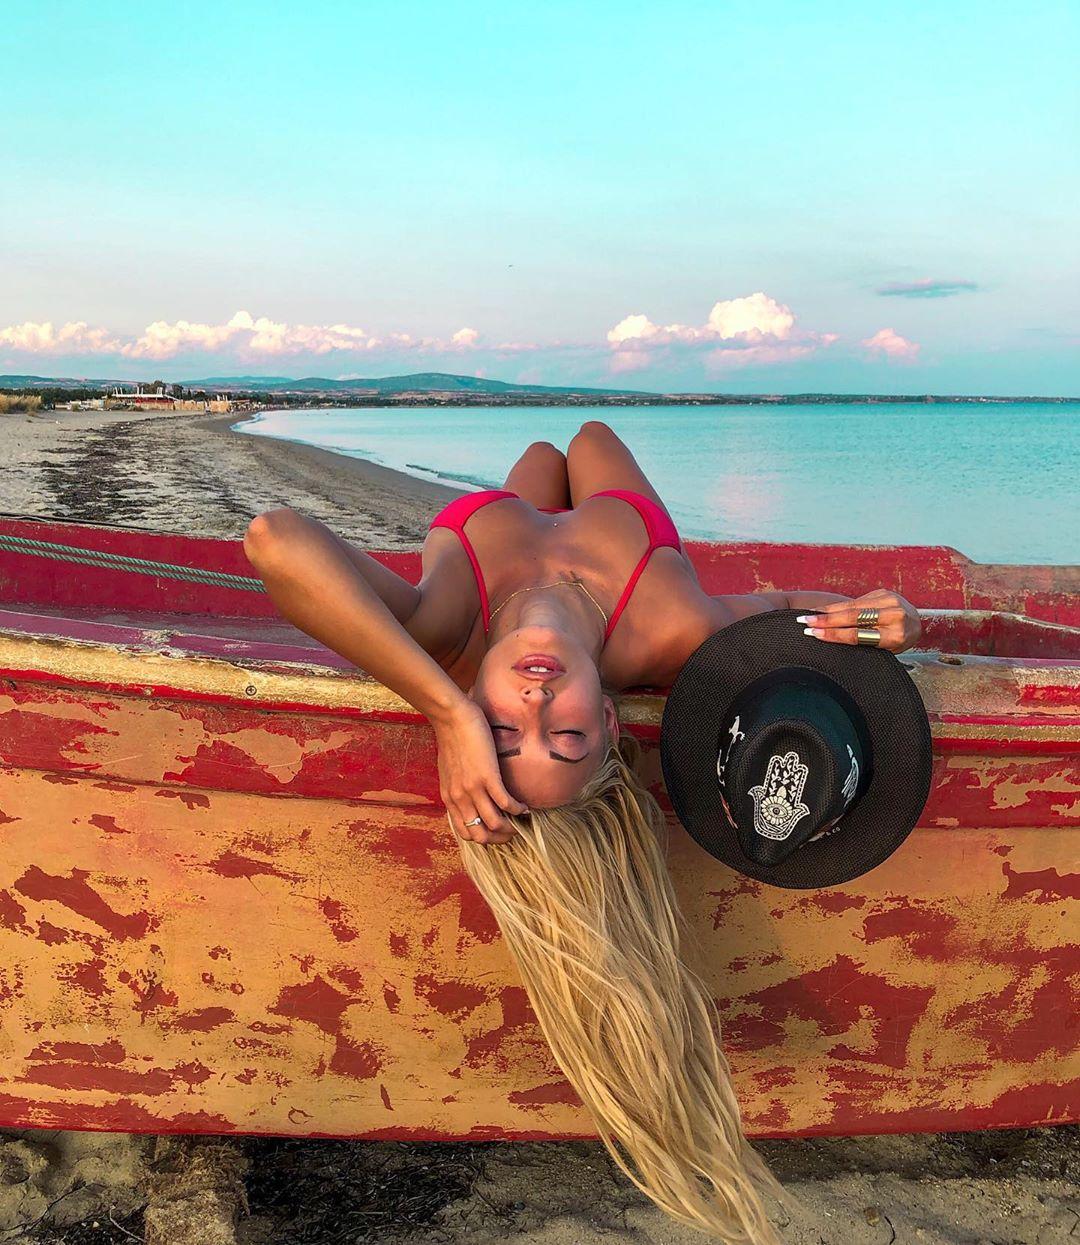 Ιωάννα Τούνη: Ανεβάζει ξανά την θερμοκρασία στα ύψη με το κόκκινο μπικίνι της!